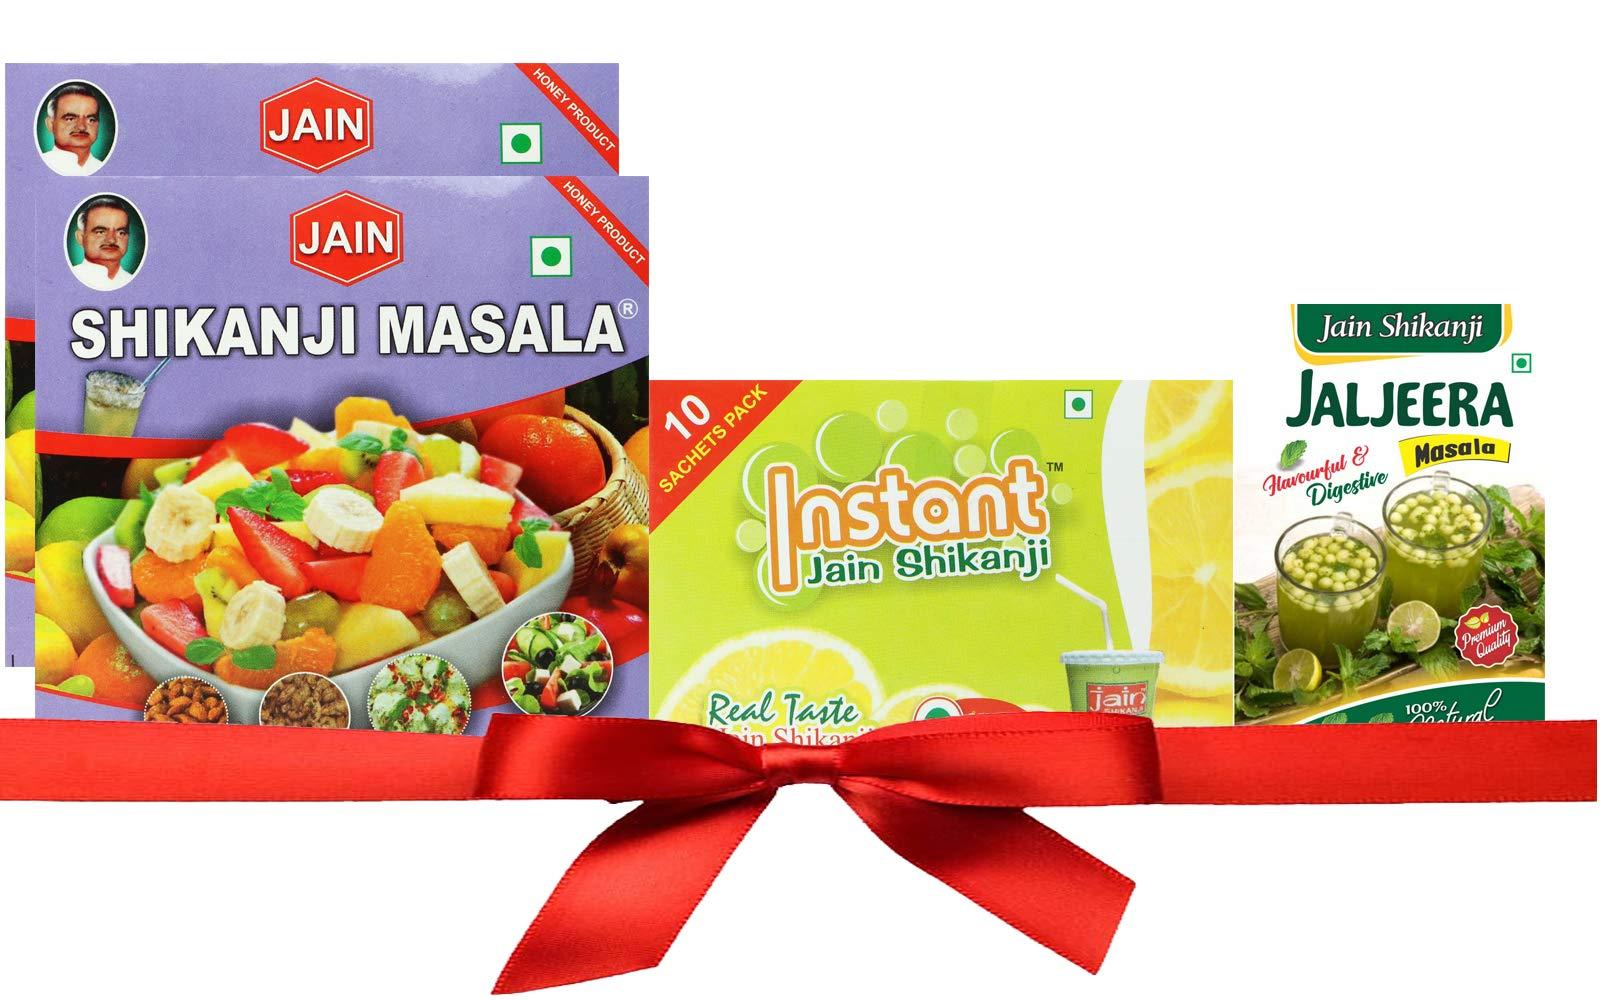 Amazon price history for 2 JAIN SHIKANJI Masala, 1 Instant JAIN SHIKANJI, 1 Jain JALJEERA